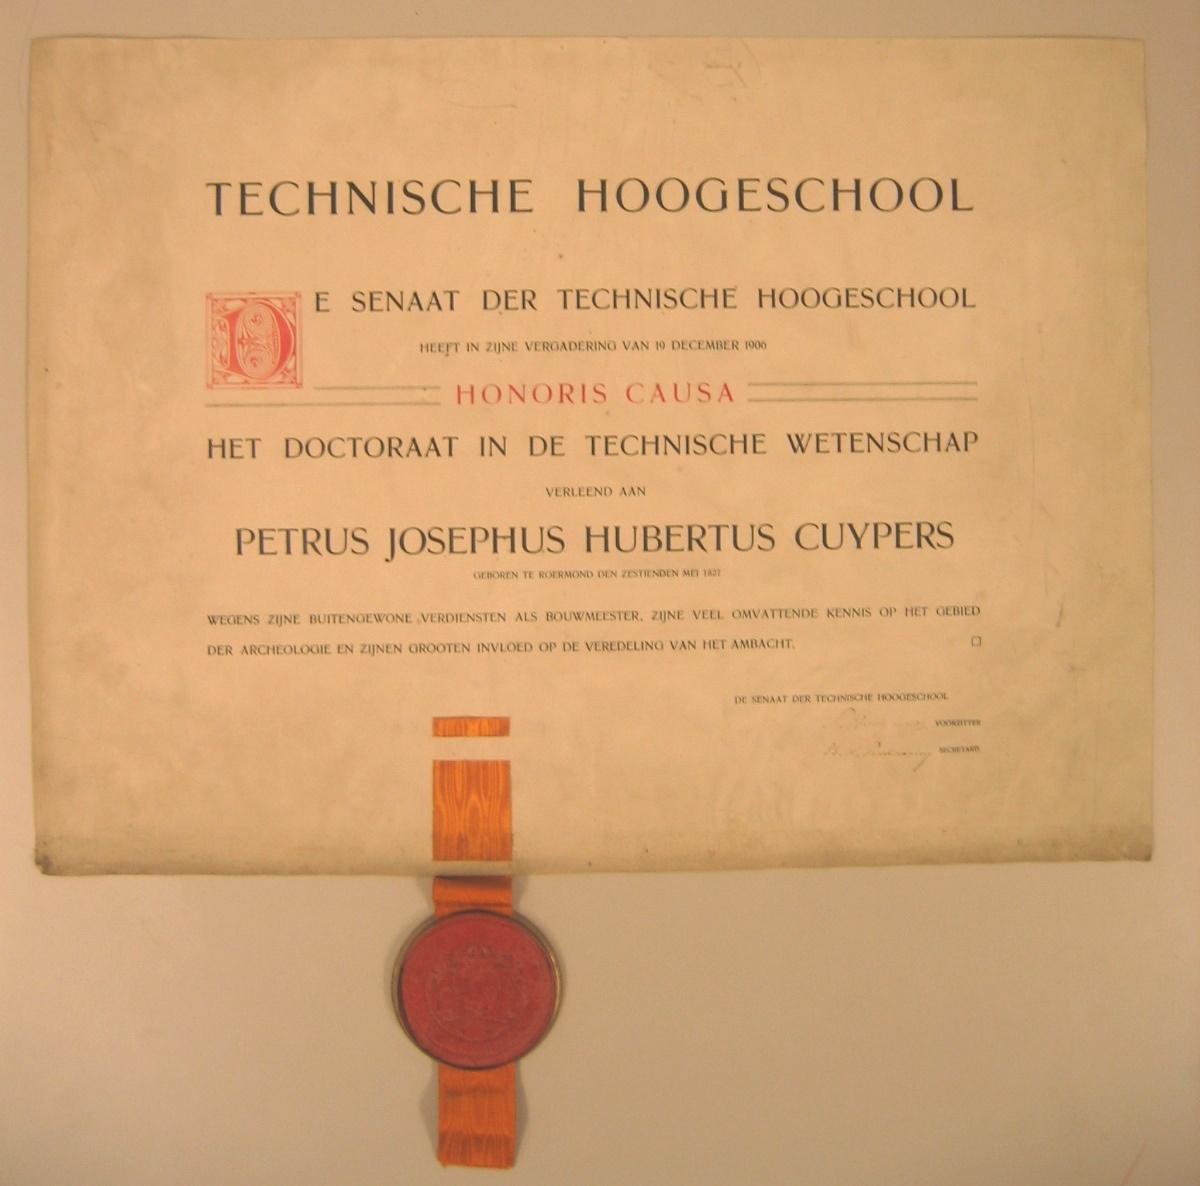 Doctoraat in de Technische Wetenschap van Petrus Josephus Hubertus Cuypers